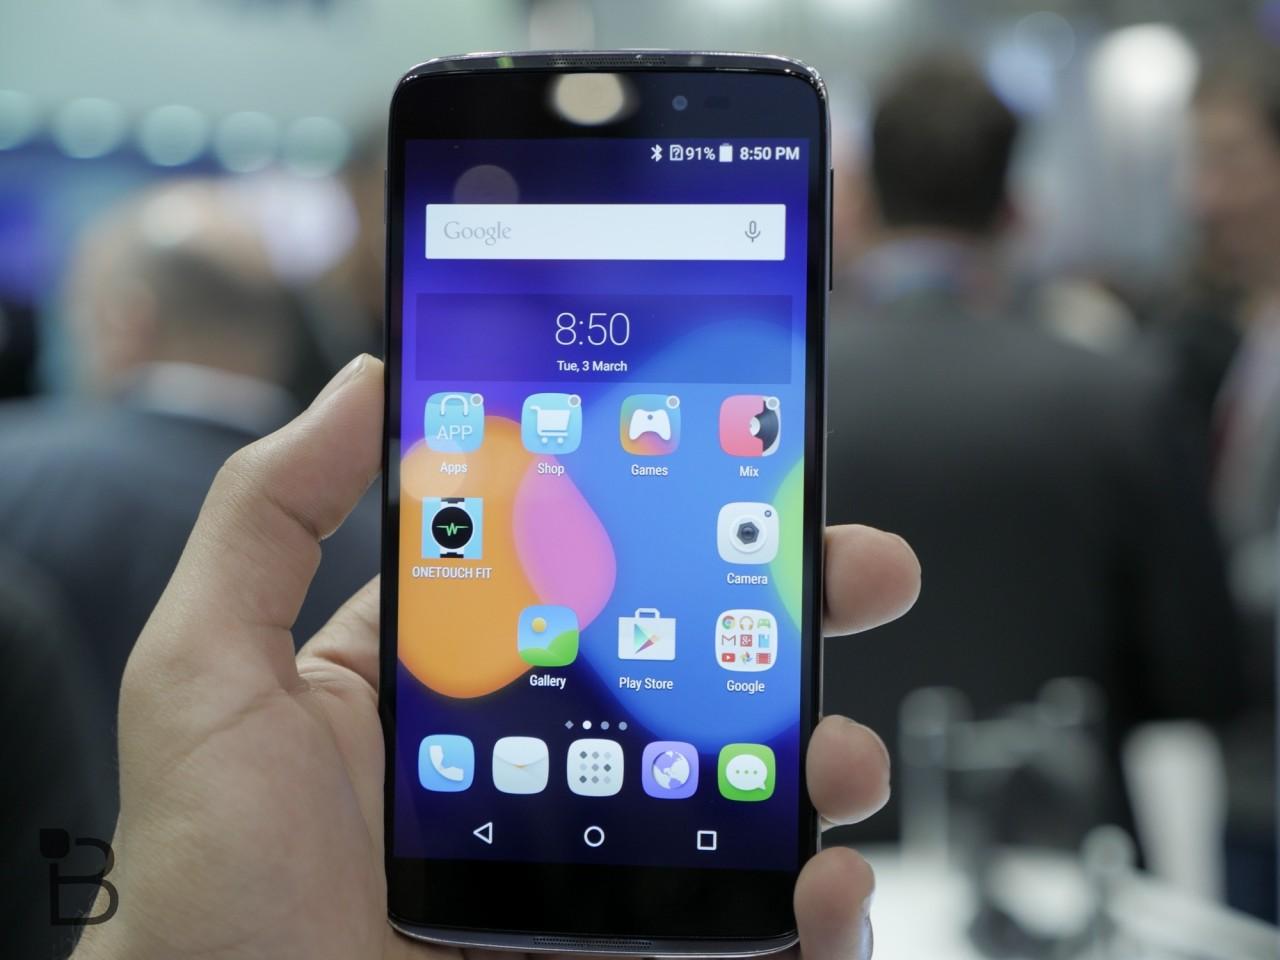 پیش فروش گوشی هوشمند One Touch Idol 3  آلکاتل با تخفیف بزرگی آغاز می شود